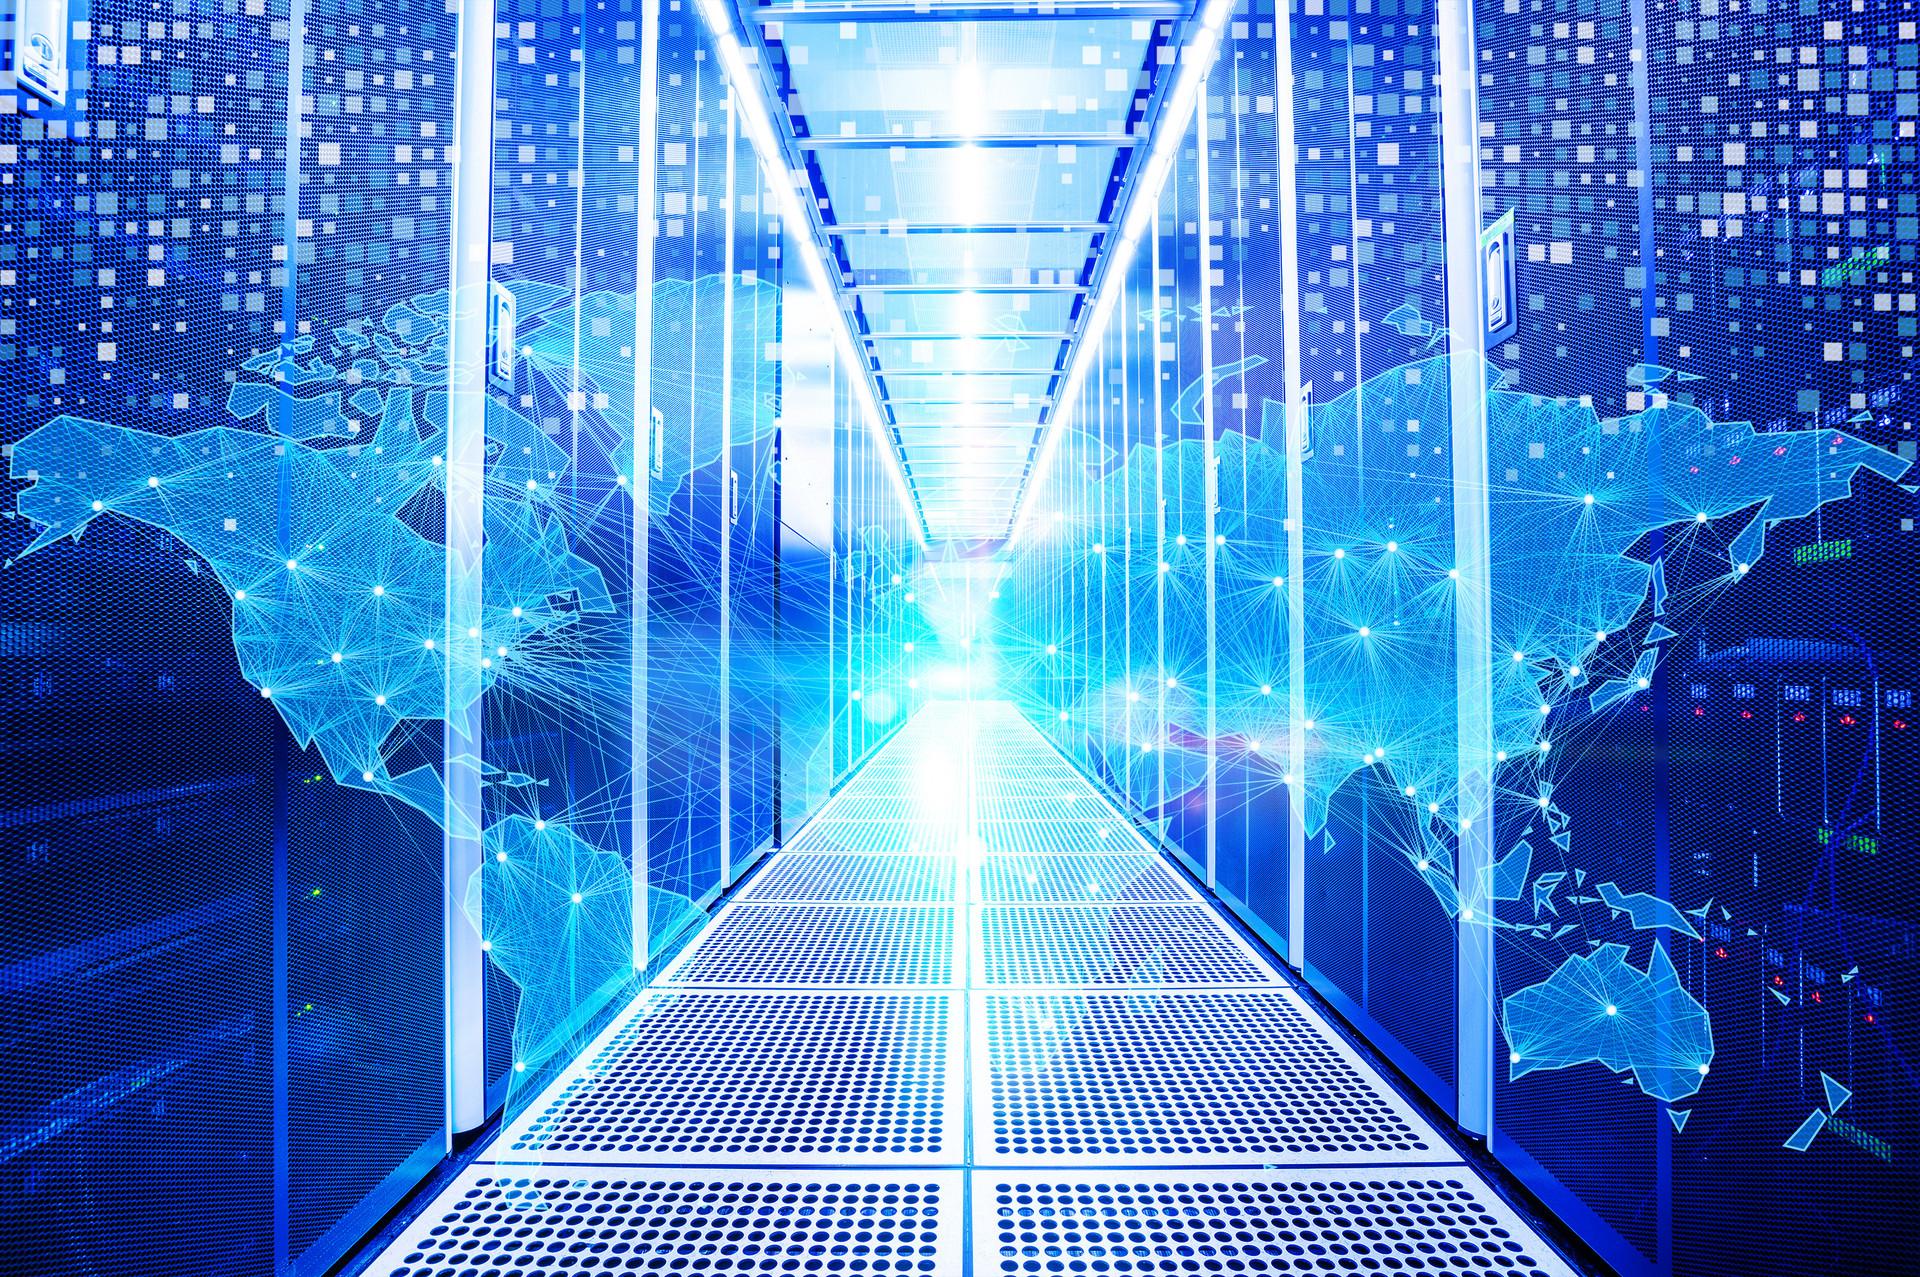 机房数据中心根服务器域名世界